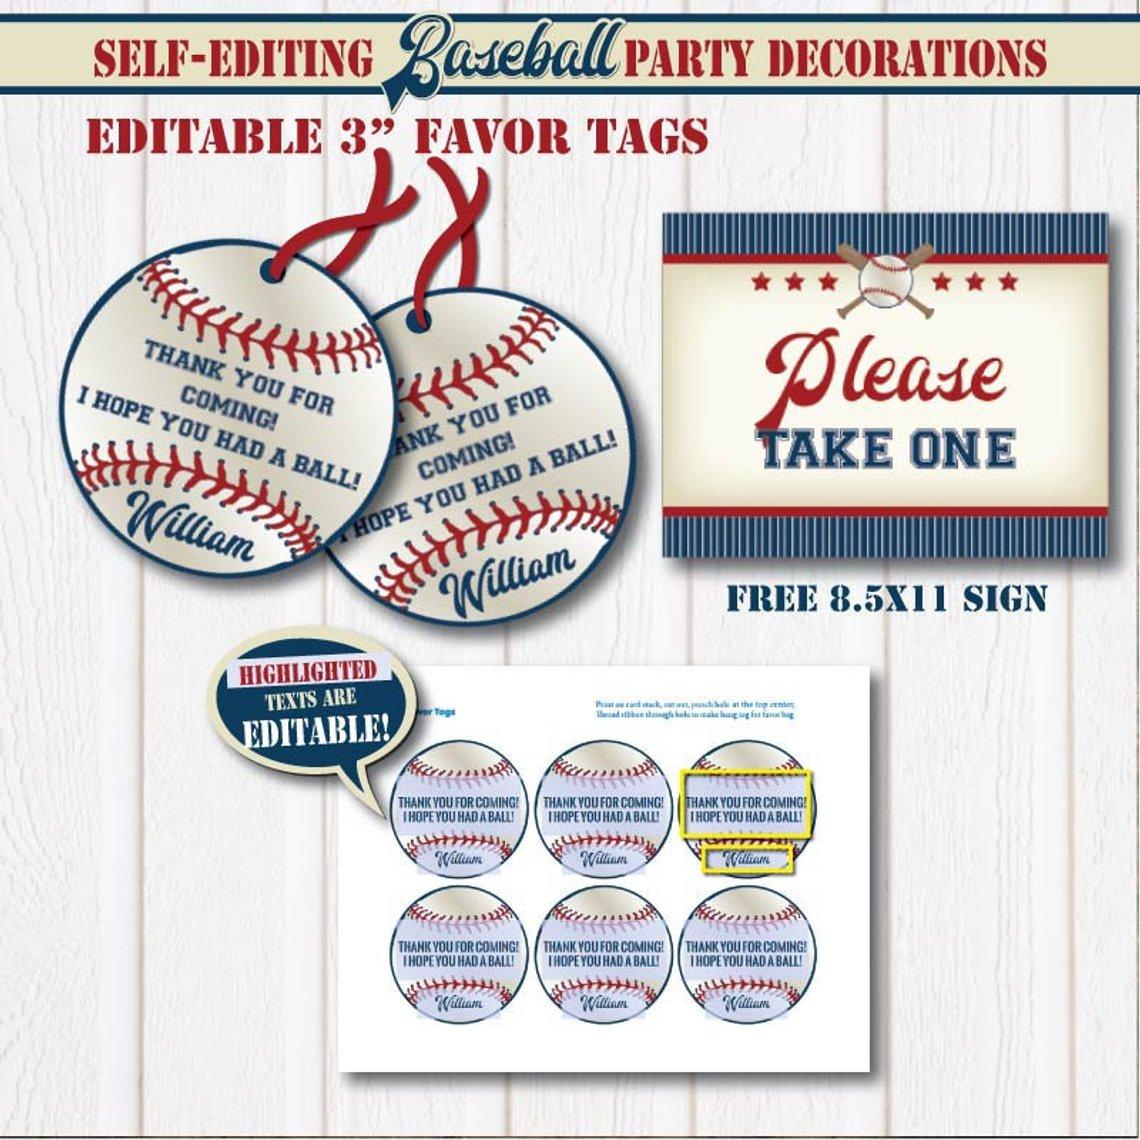 Birthday Baseball Favor Tags Free Printable | Www.topsimages - Free Printable Baseball Favor Tags